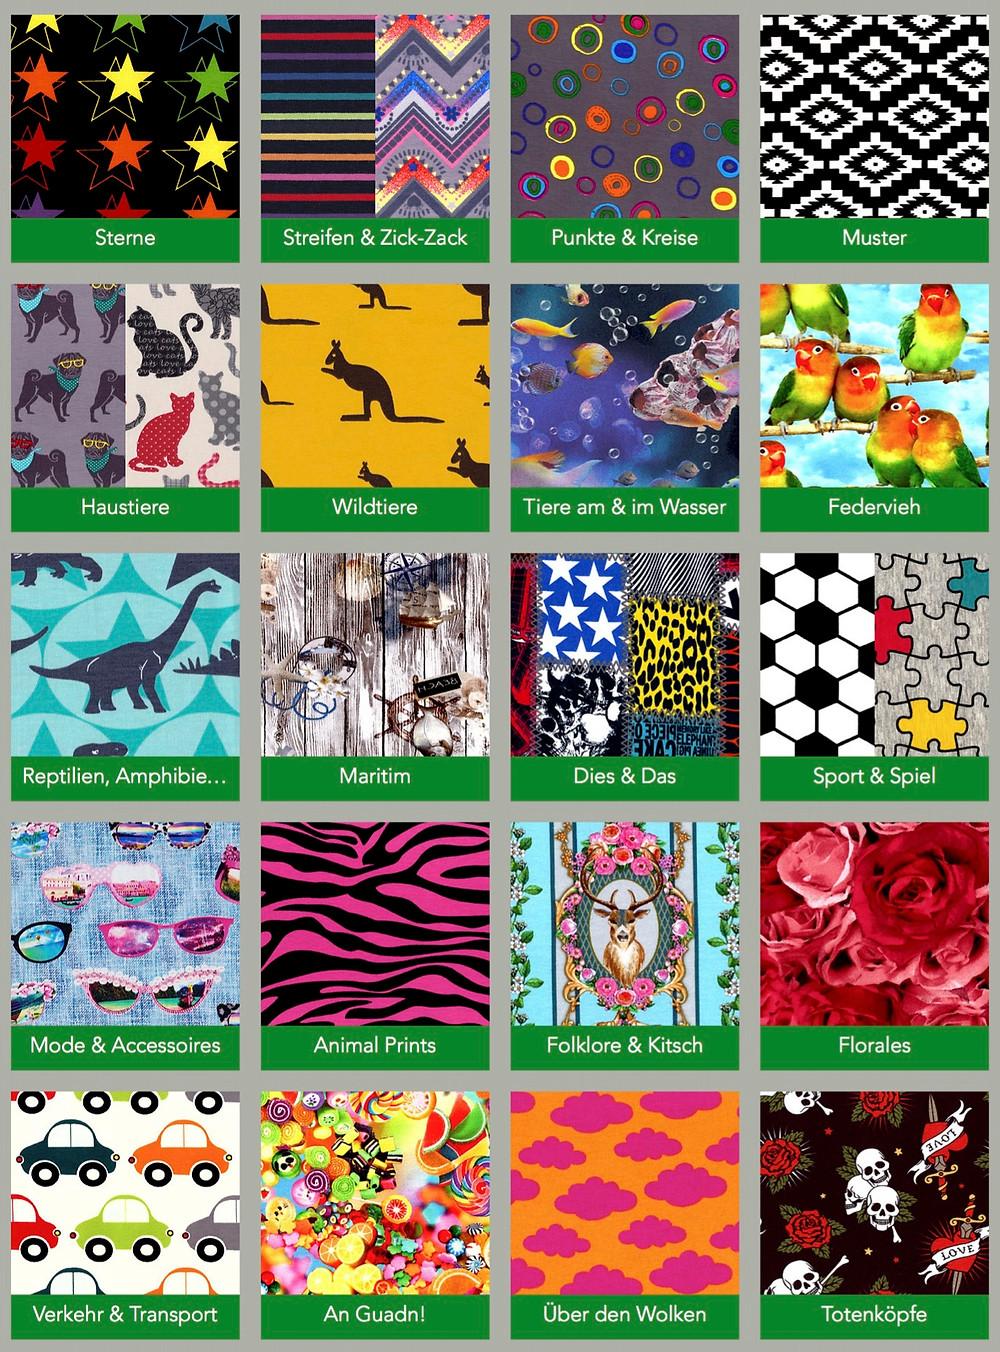 Überarbeitete Website. Stoffmuster jetzt in 20 neuen Themengebieten. Sixx-Zagg-Mützen von prettybanana.com. Deine individuelle Mütze aus München.